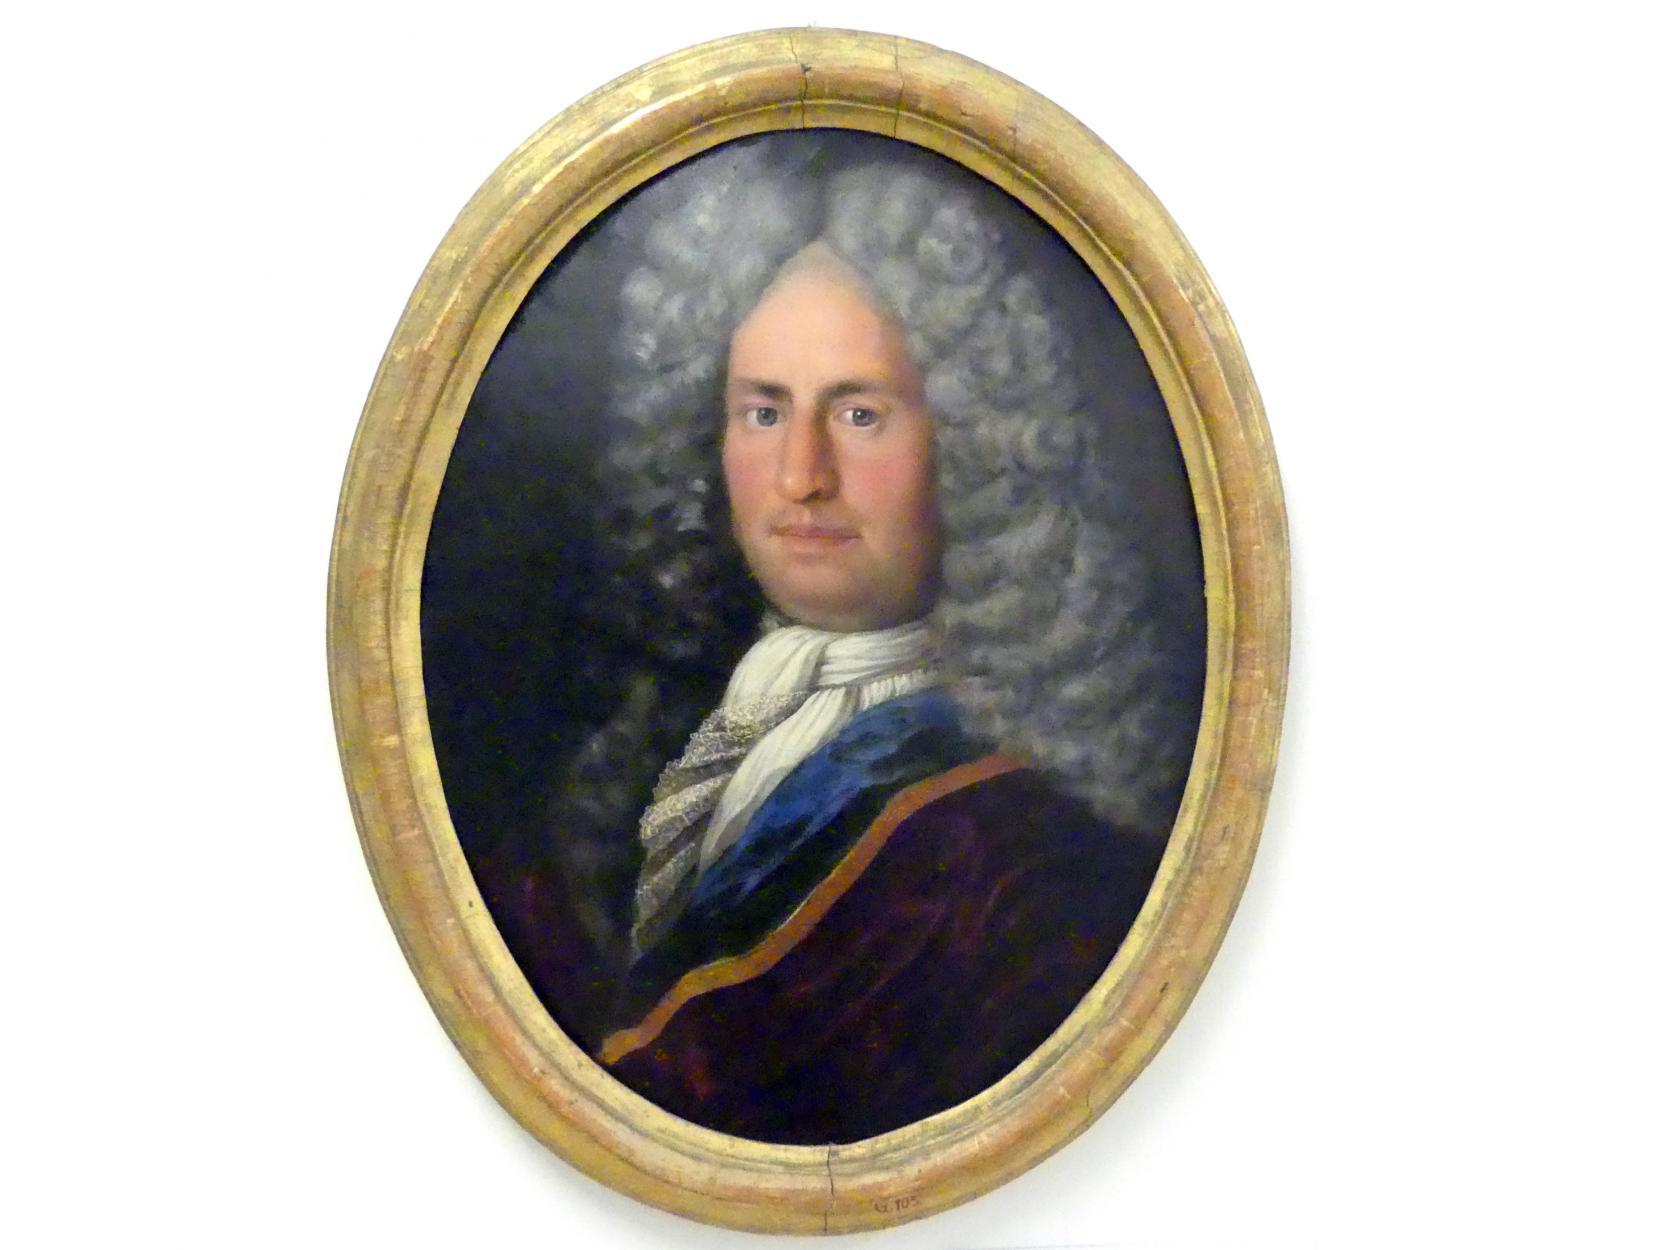 Joachim Enzmilner von Windhag, Undatiert